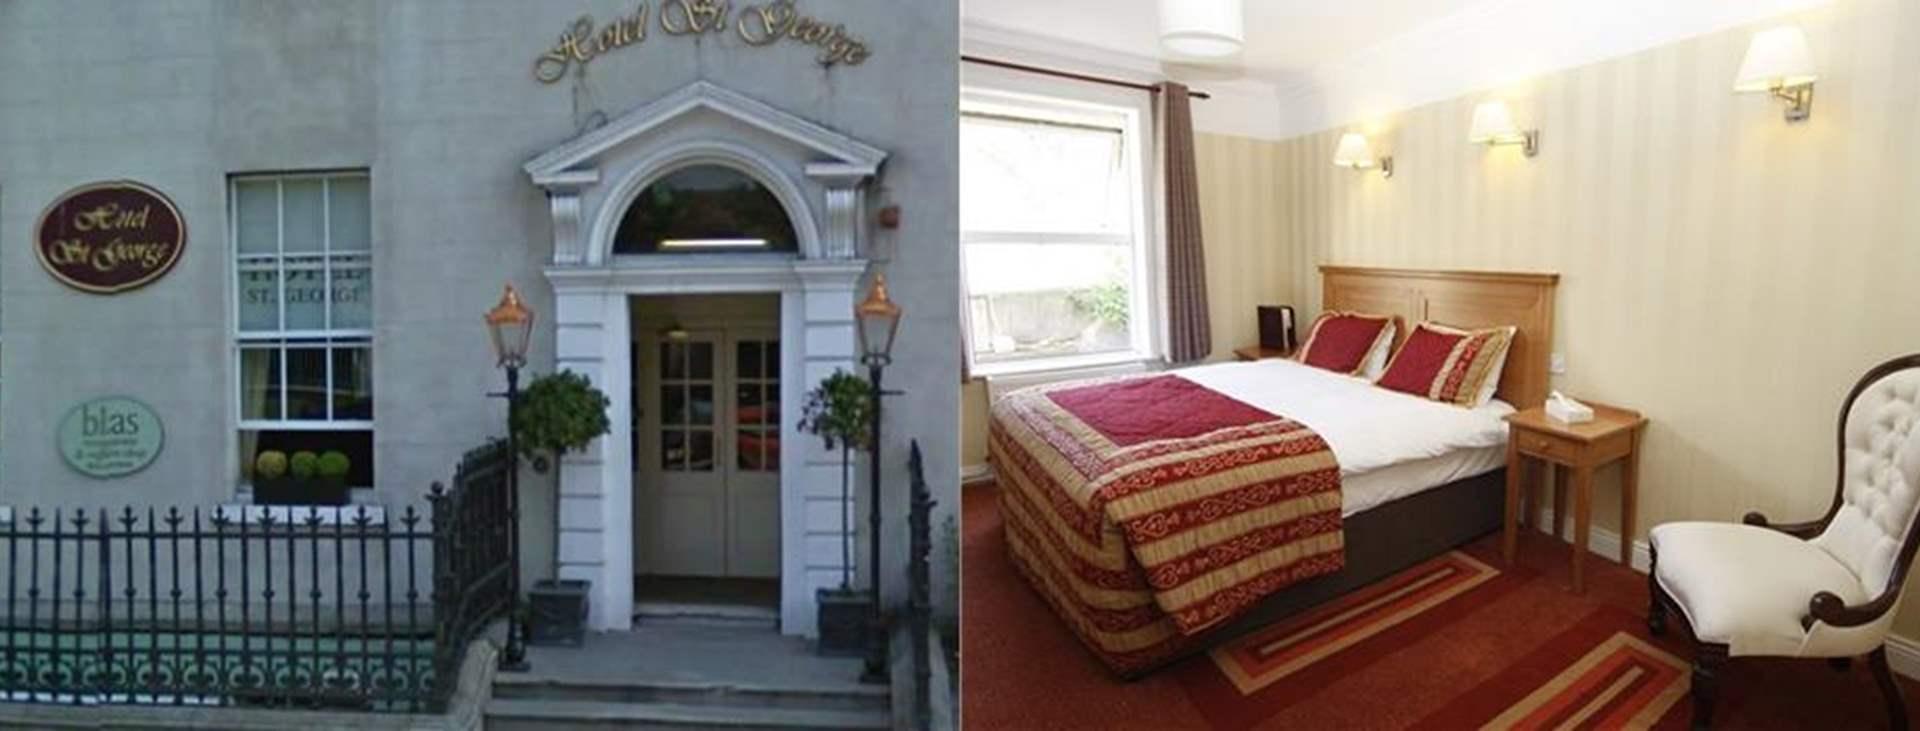 Hotelli St George